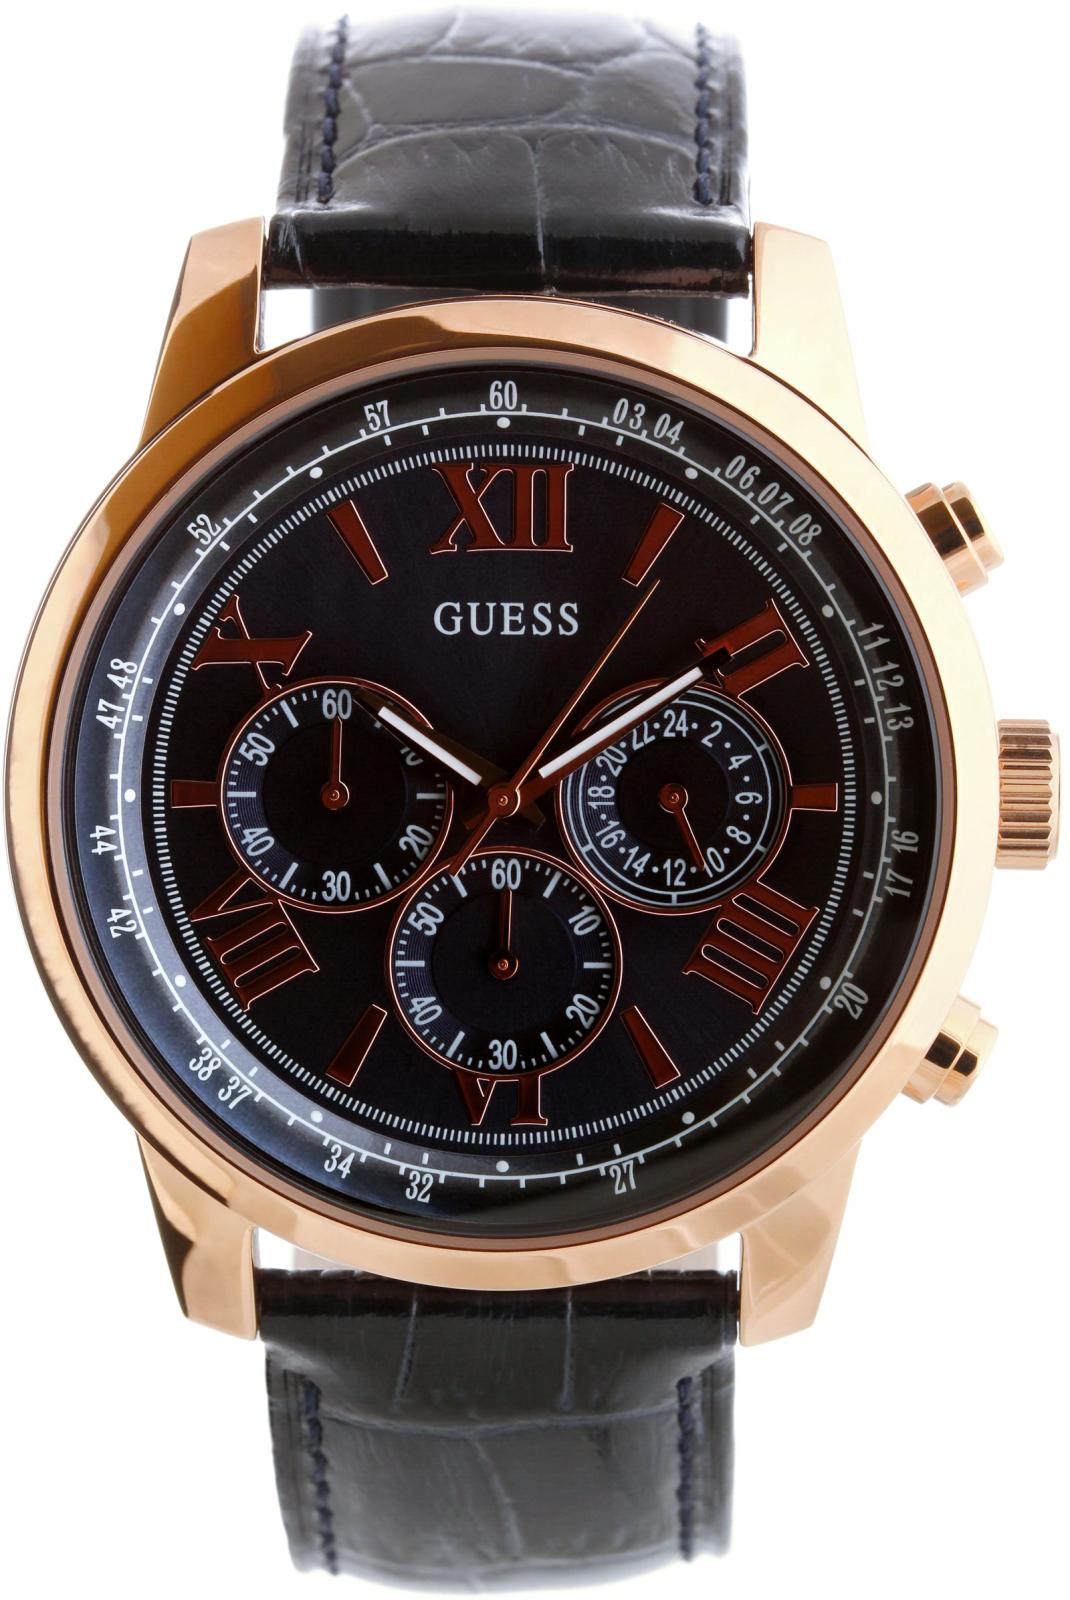 Guess Horizon W0380G5Наручные часы<br>Американские часы Guess Horizon W0380G5<br><br>Пол: Мужские<br>Страна-производитель: США<br>Механизм: Кварцевый<br>Материал корпуса: Сталь<br>Материал ремня/браслета: Кожа<br>Водозащита, диапазон: 20 - 100 м<br>Стекло: Минеральное<br>Толщина корпуса: 11.5 мм<br>Стиль: Классика